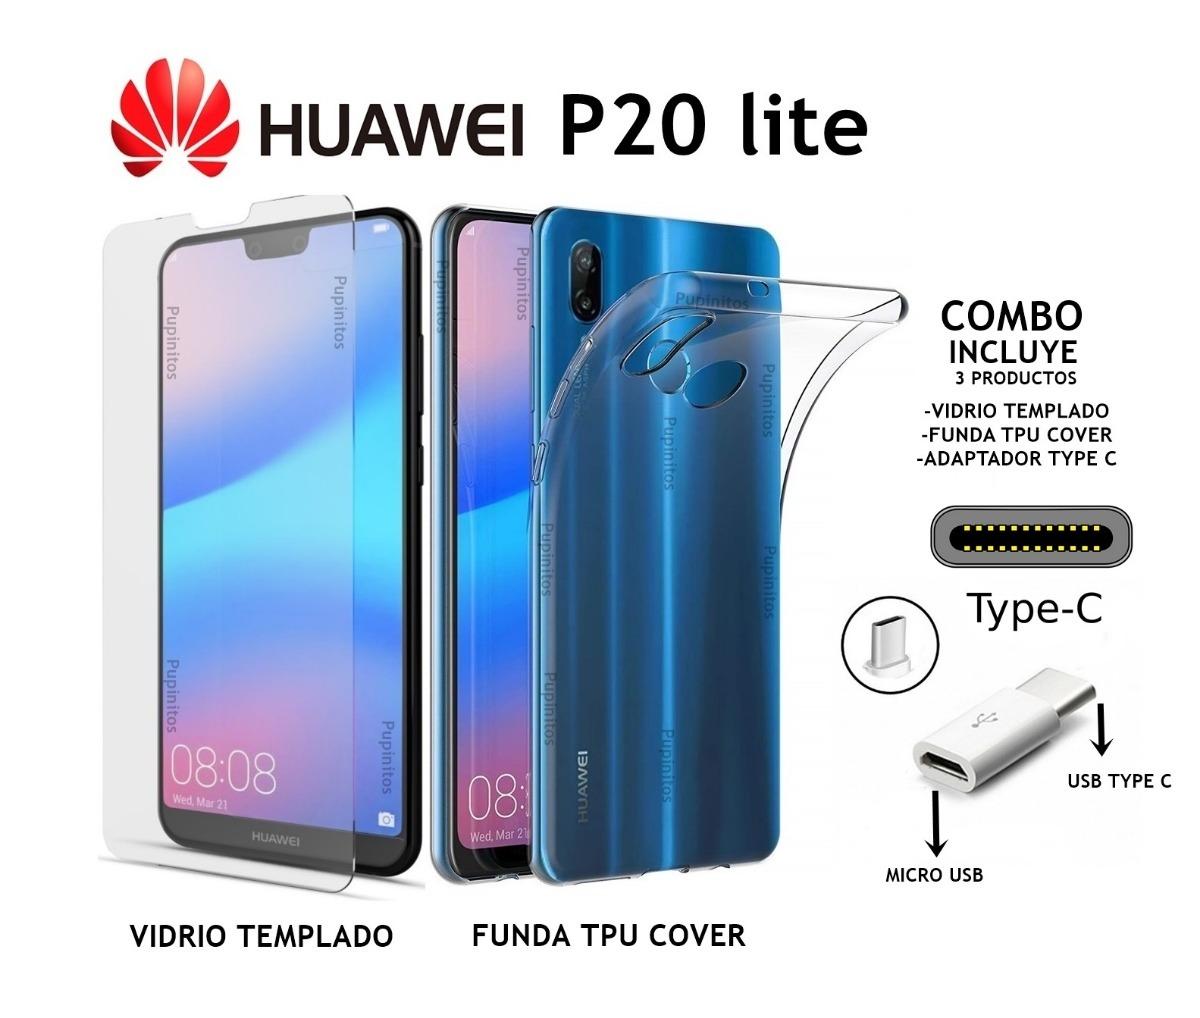 745b9805fe5 Funda Silicona + Vidrio Templado + Adaptador Huawei P20 Lite - $ 900 ...